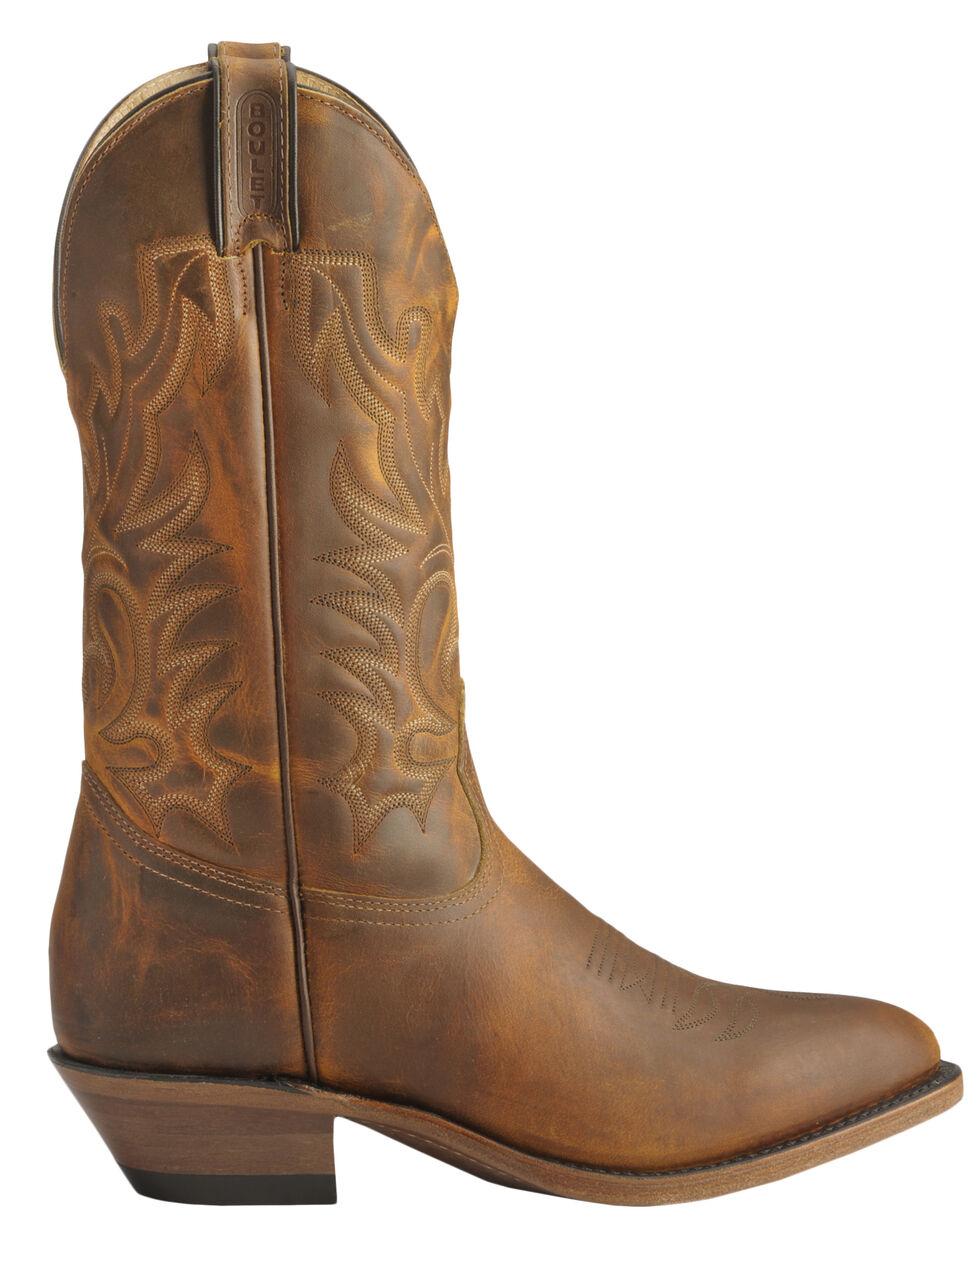 Boulet Cowboy Boots - Med Toe, Tan, hi-res